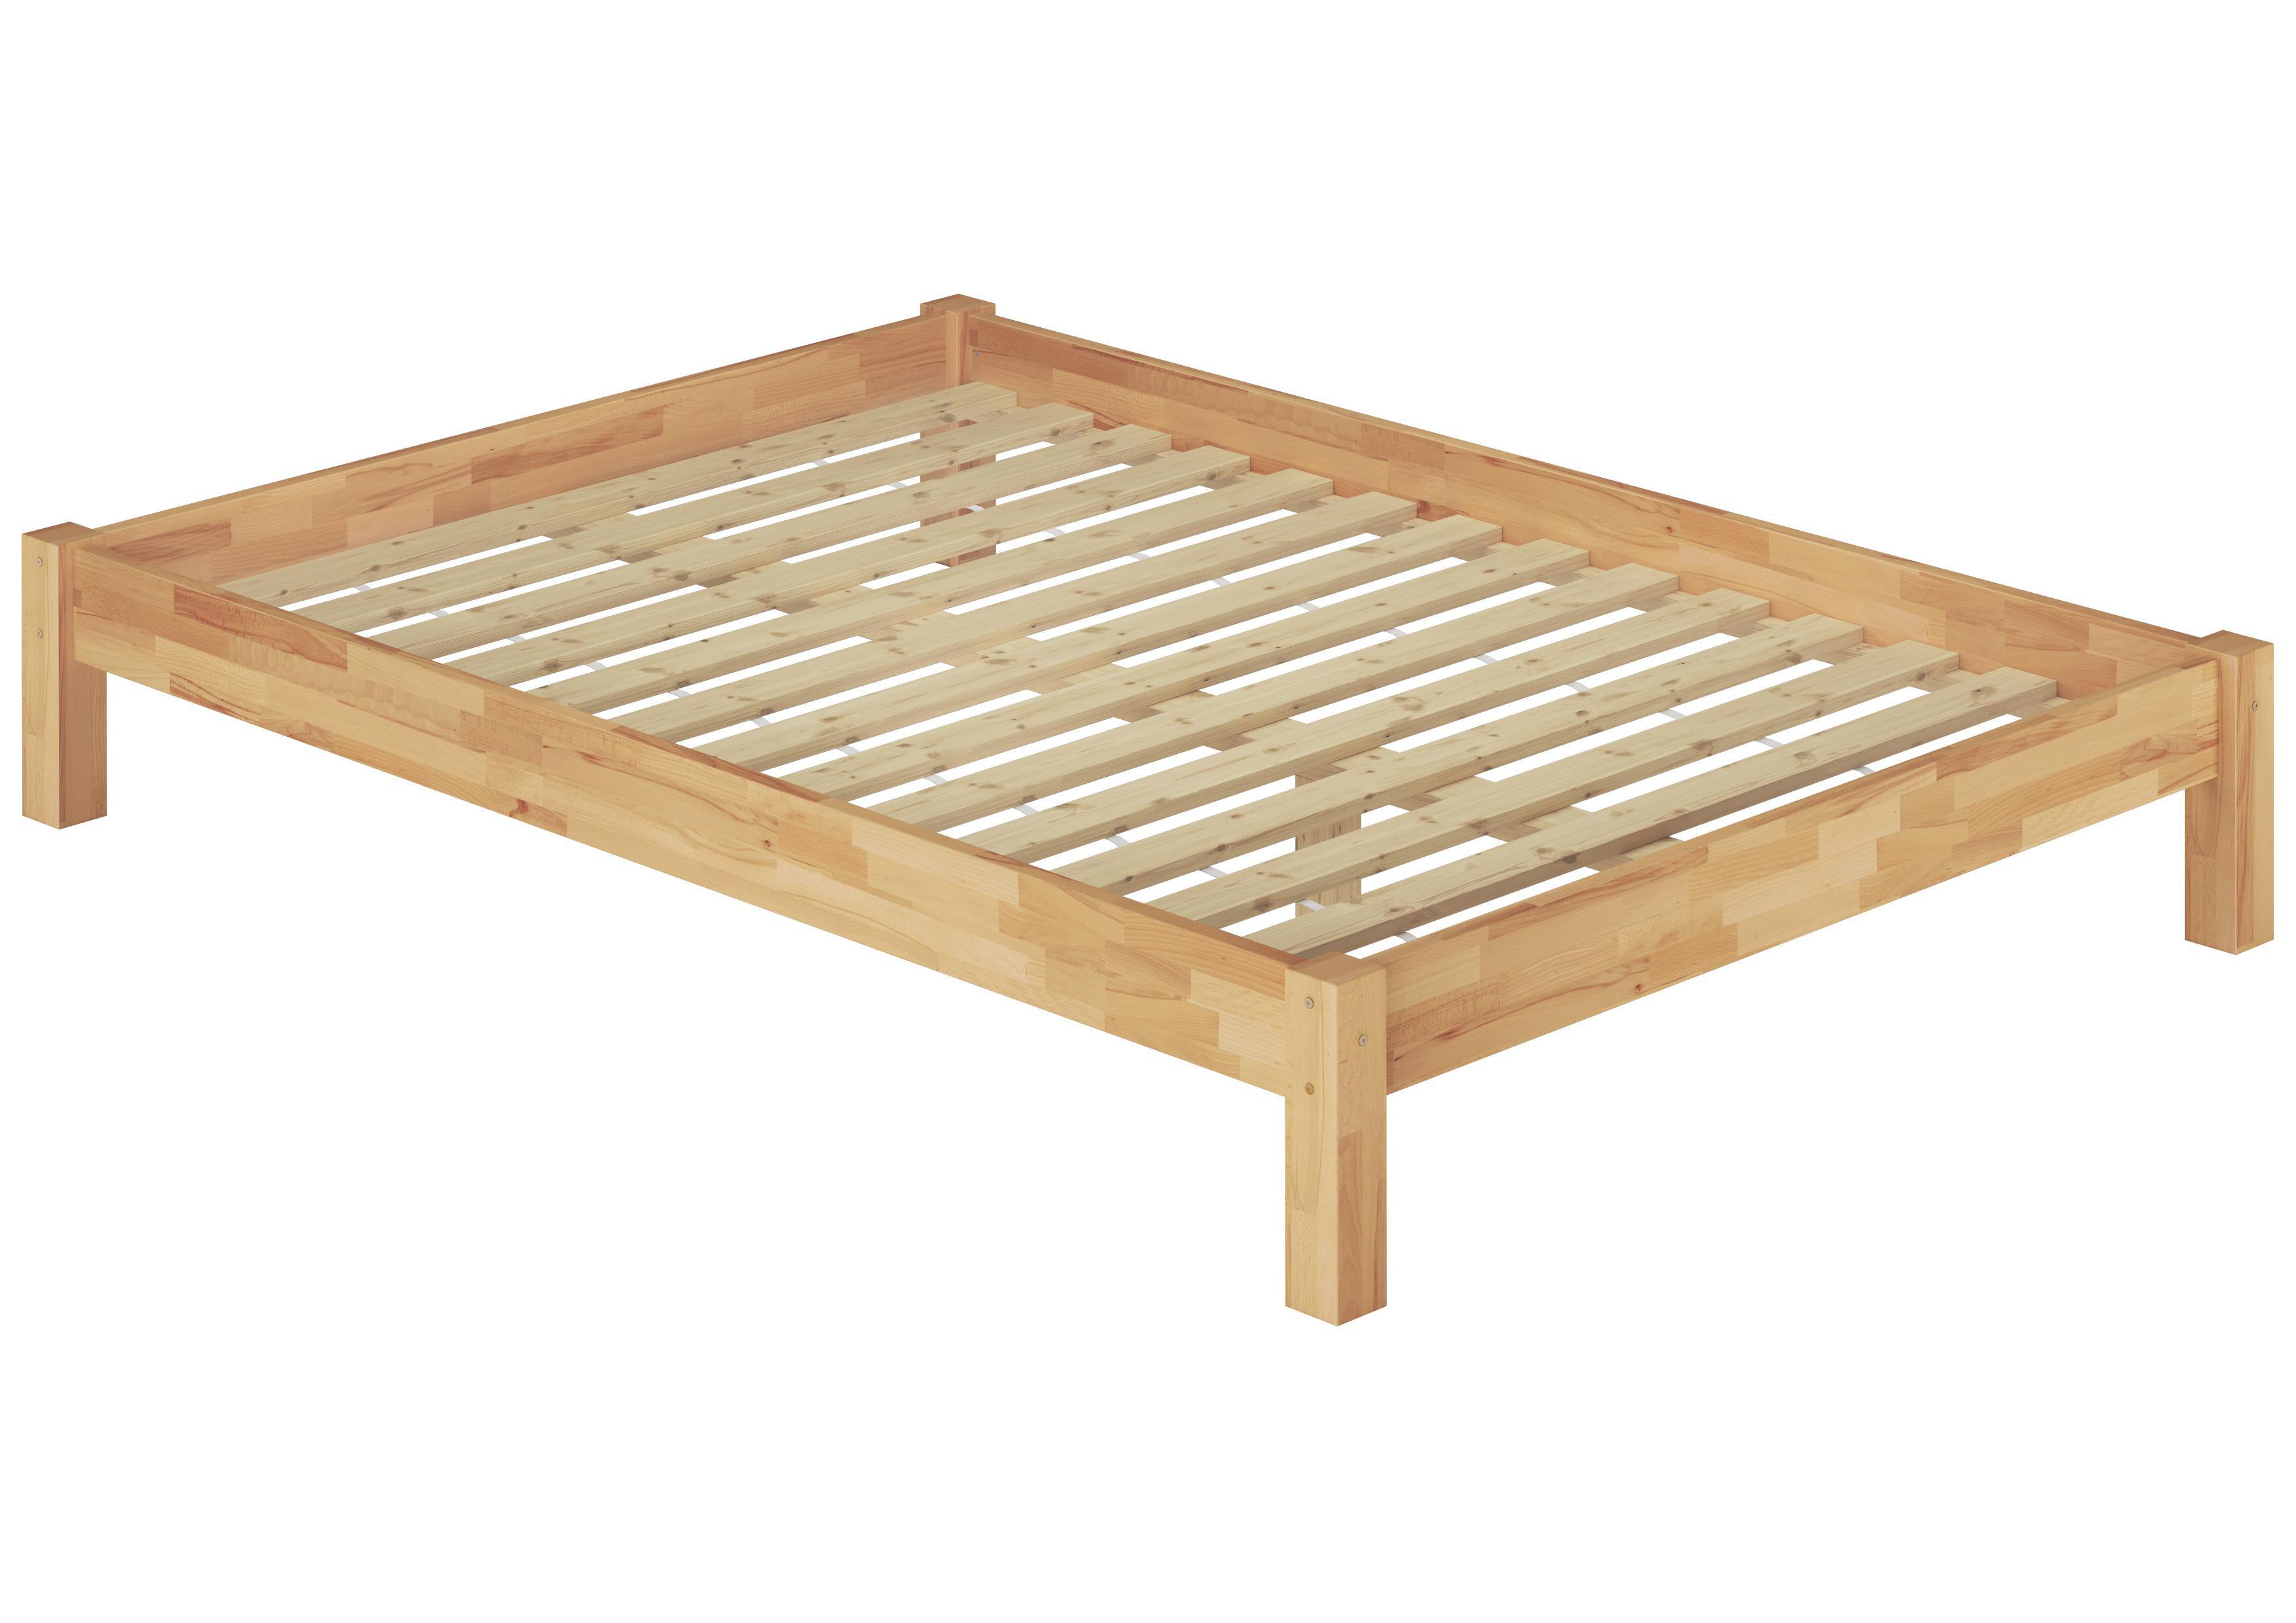 Erst-Holz® Futonbett Doppelbett Überlänge 140x220